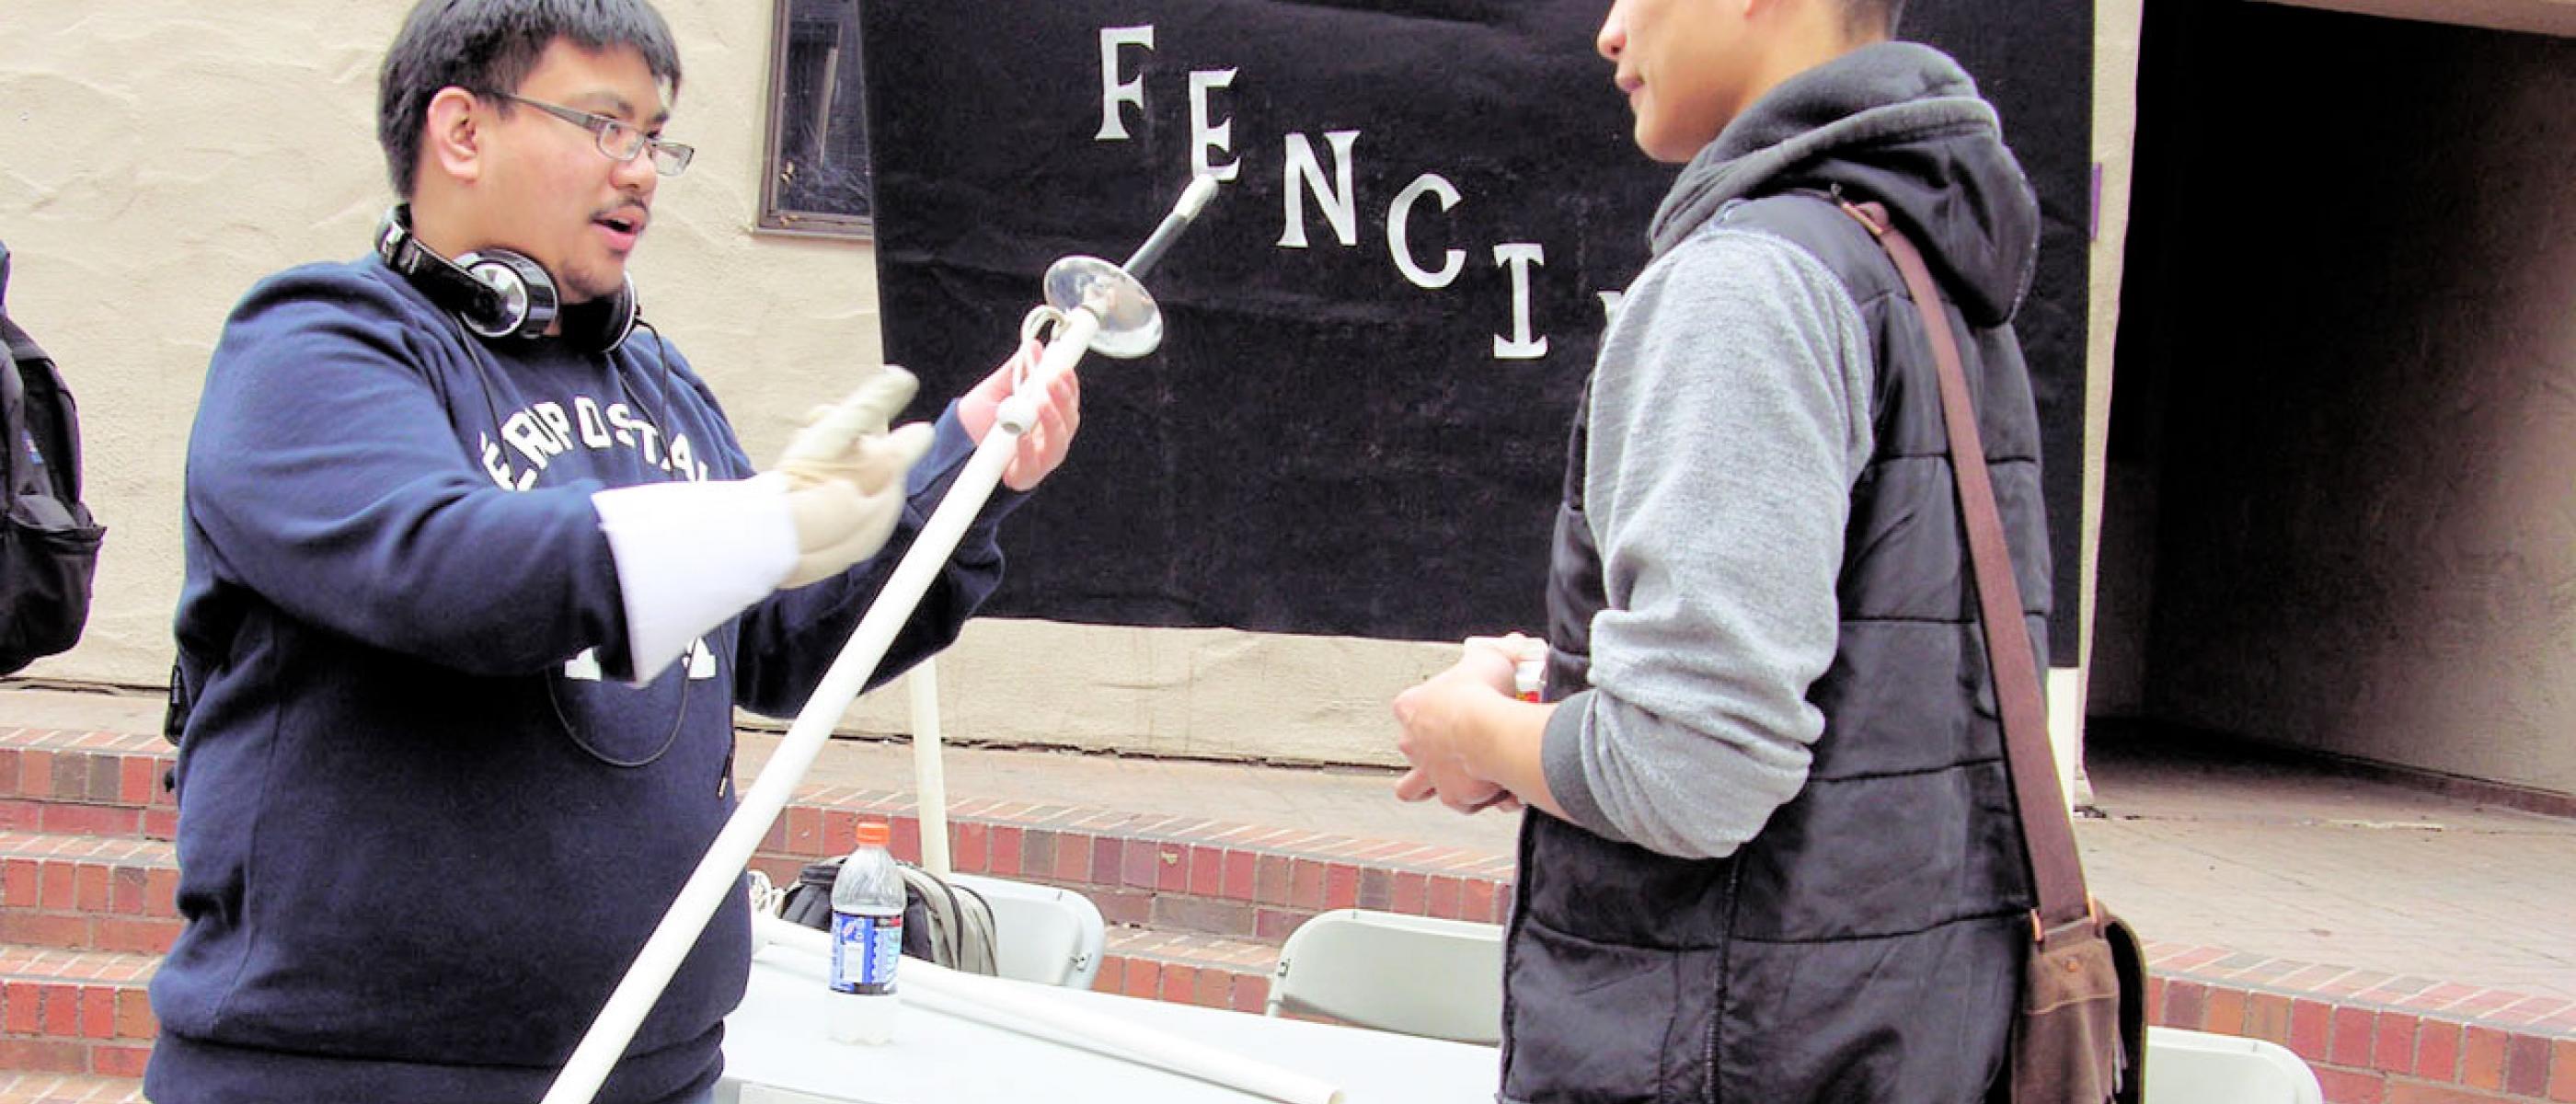 Delta Fencing club meets